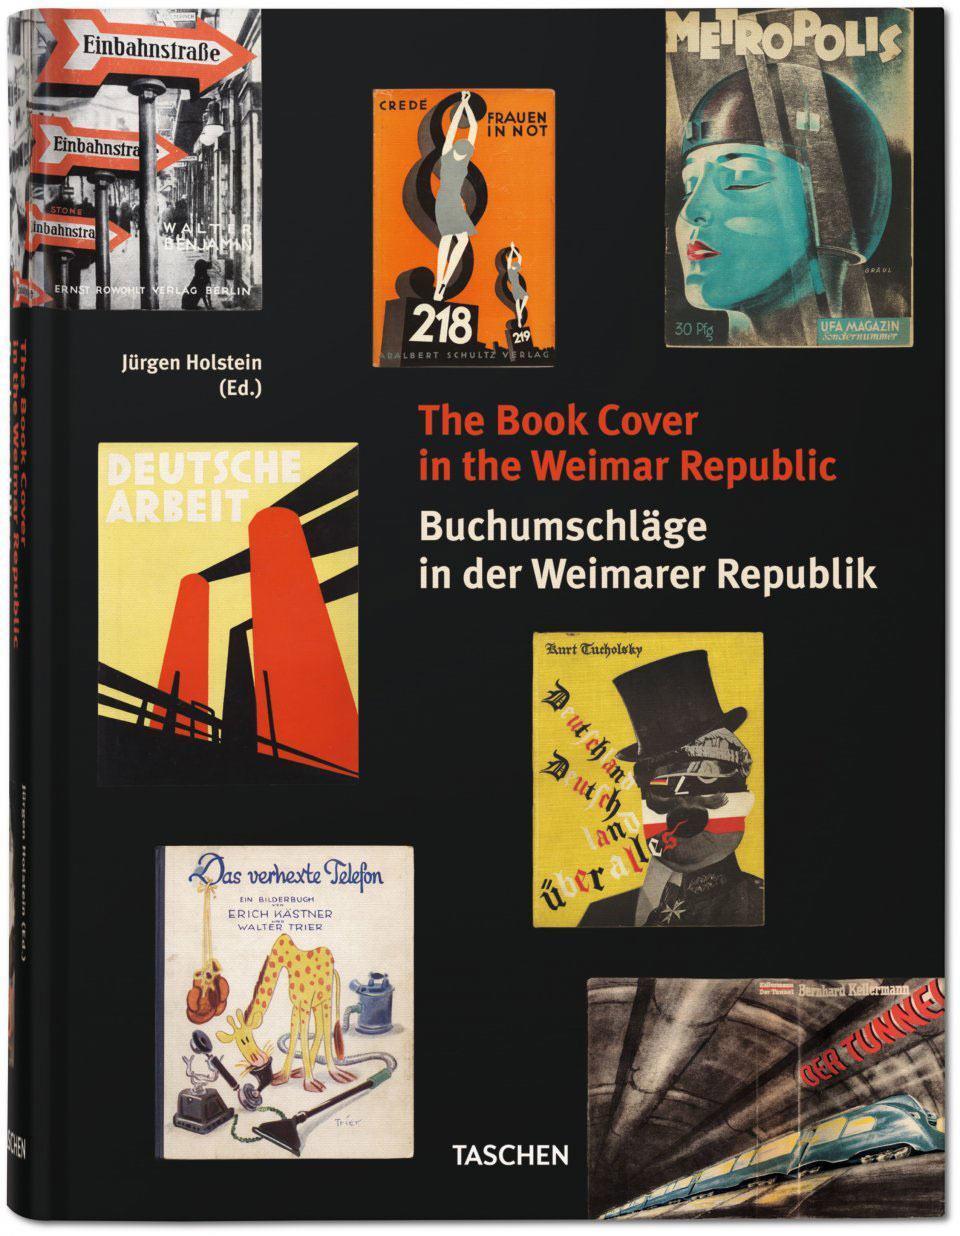 Buchumschläge in der Weimarer Republik